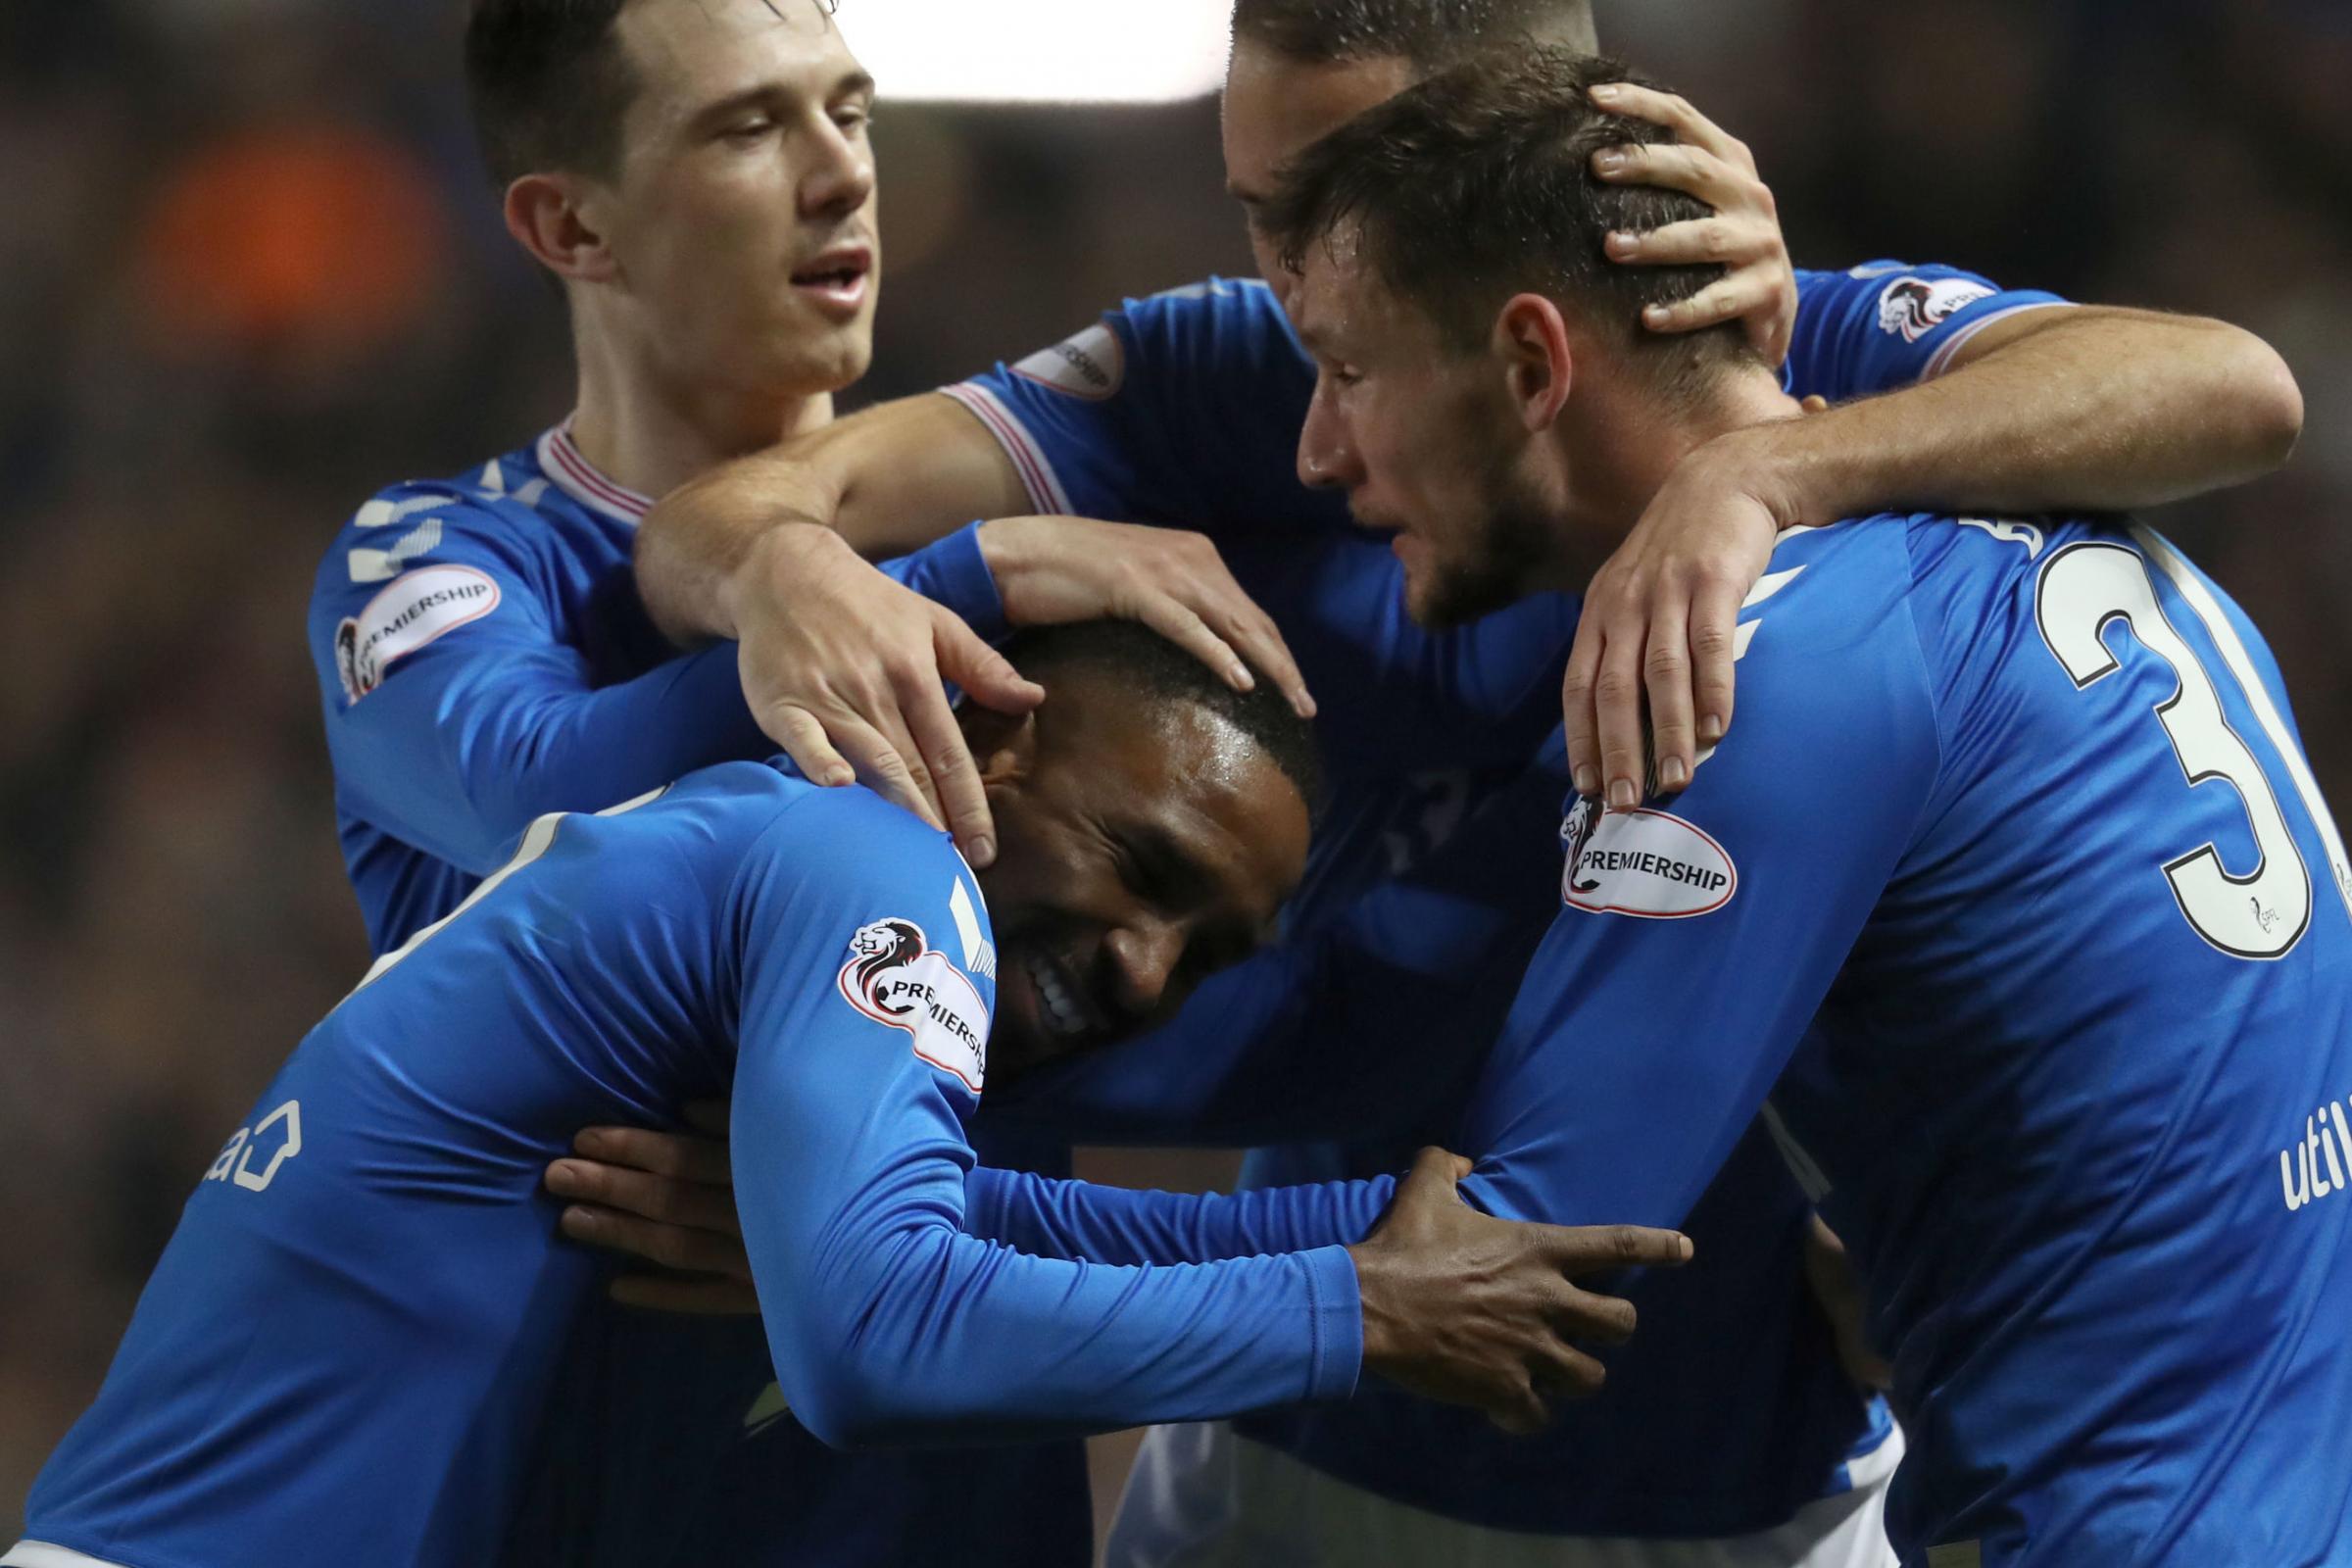 'He's as hungry now as he was when he was 17' - Steven Gerrard hails 'predator' Jermain Defoe as striker nets again